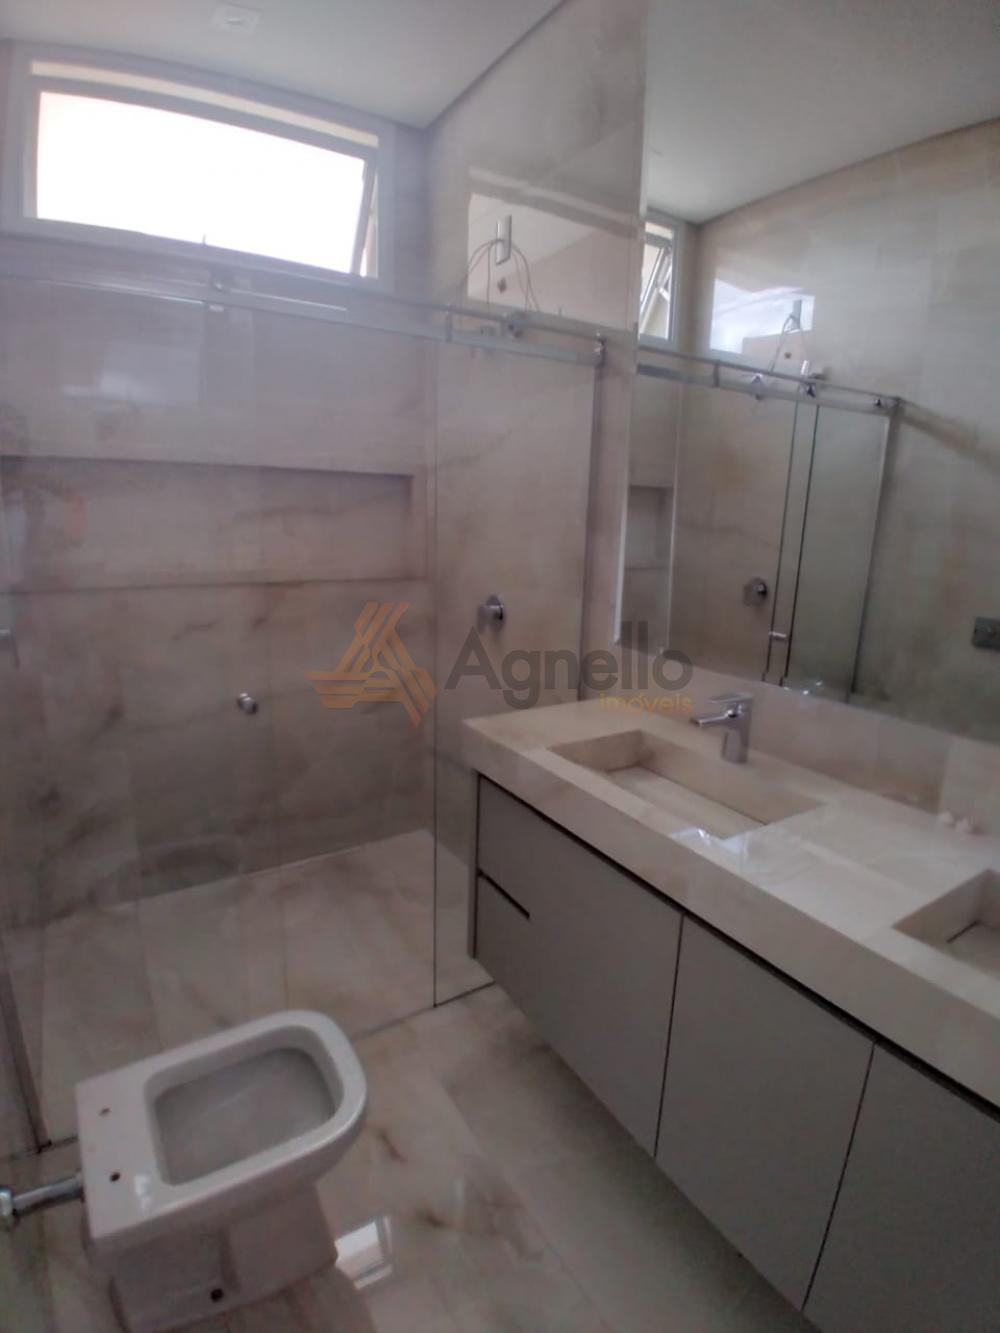 Comprar Casa / Condomínio em Franca apenas R$ 1.850.000,00 - Foto 15